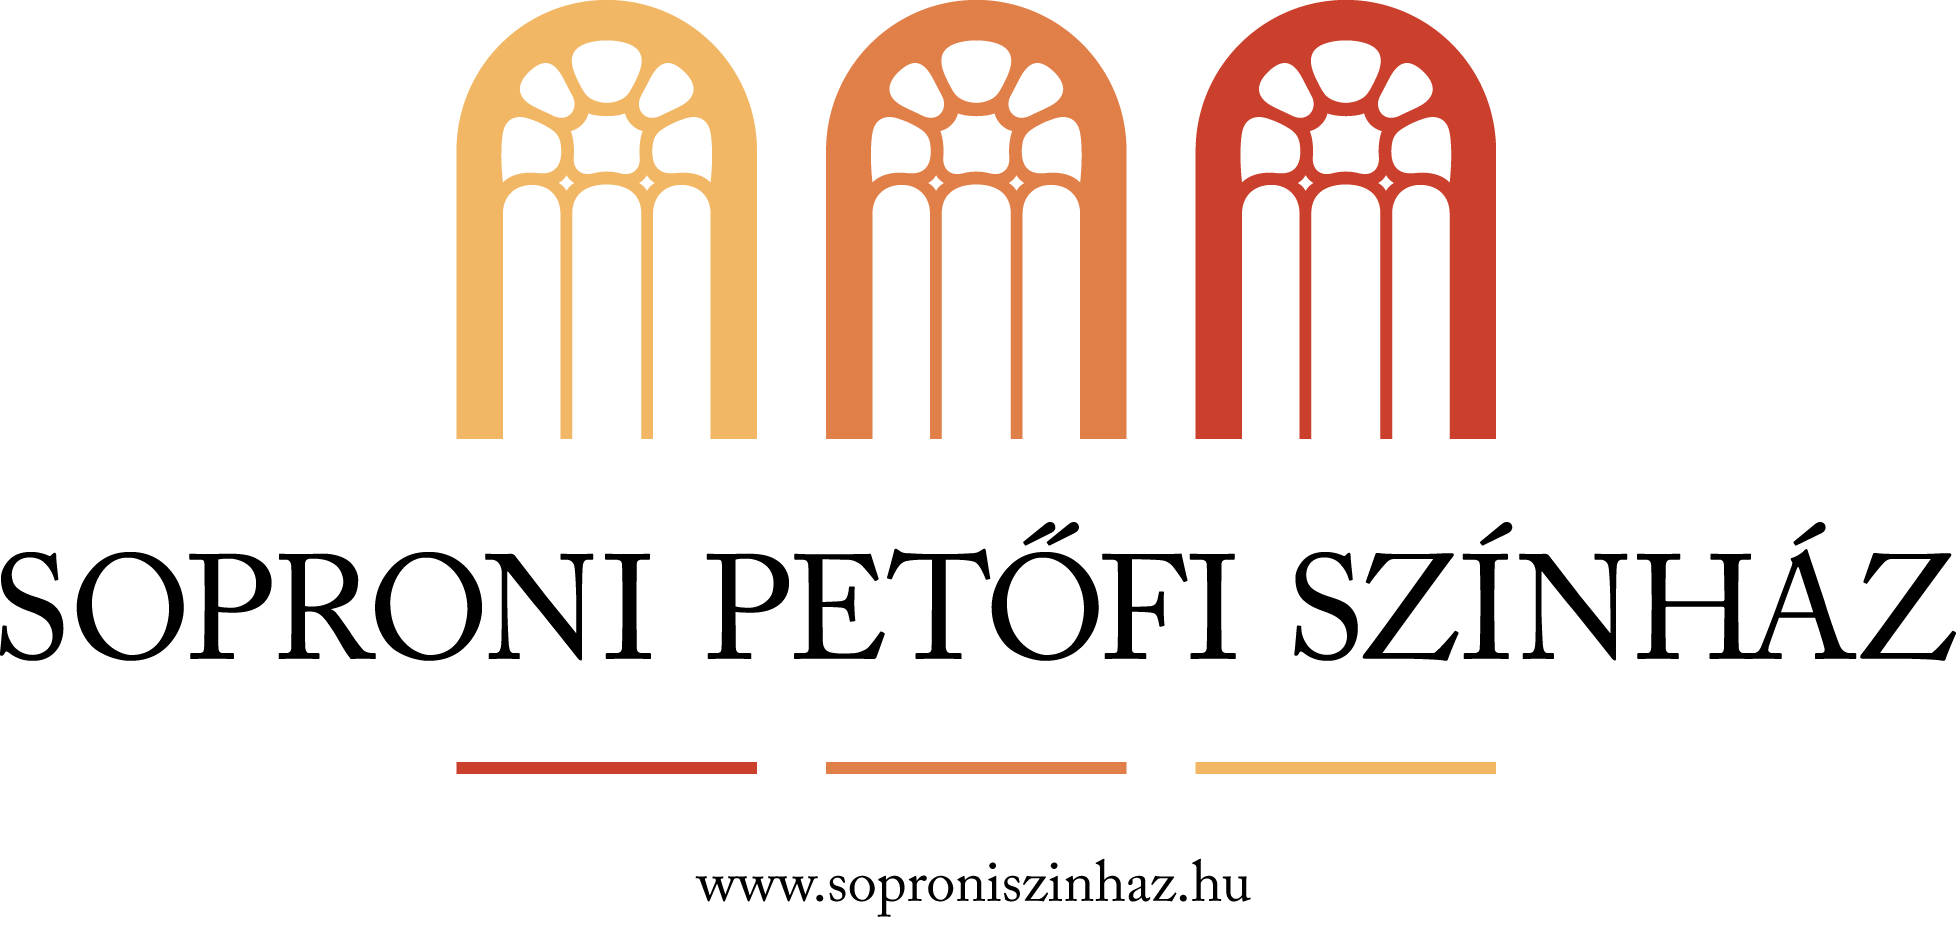 Világosítót és hangosítót keresünk! - Hírek - Soproni Petőfi Színház -  Sopron, Petőfi Színház, hírek